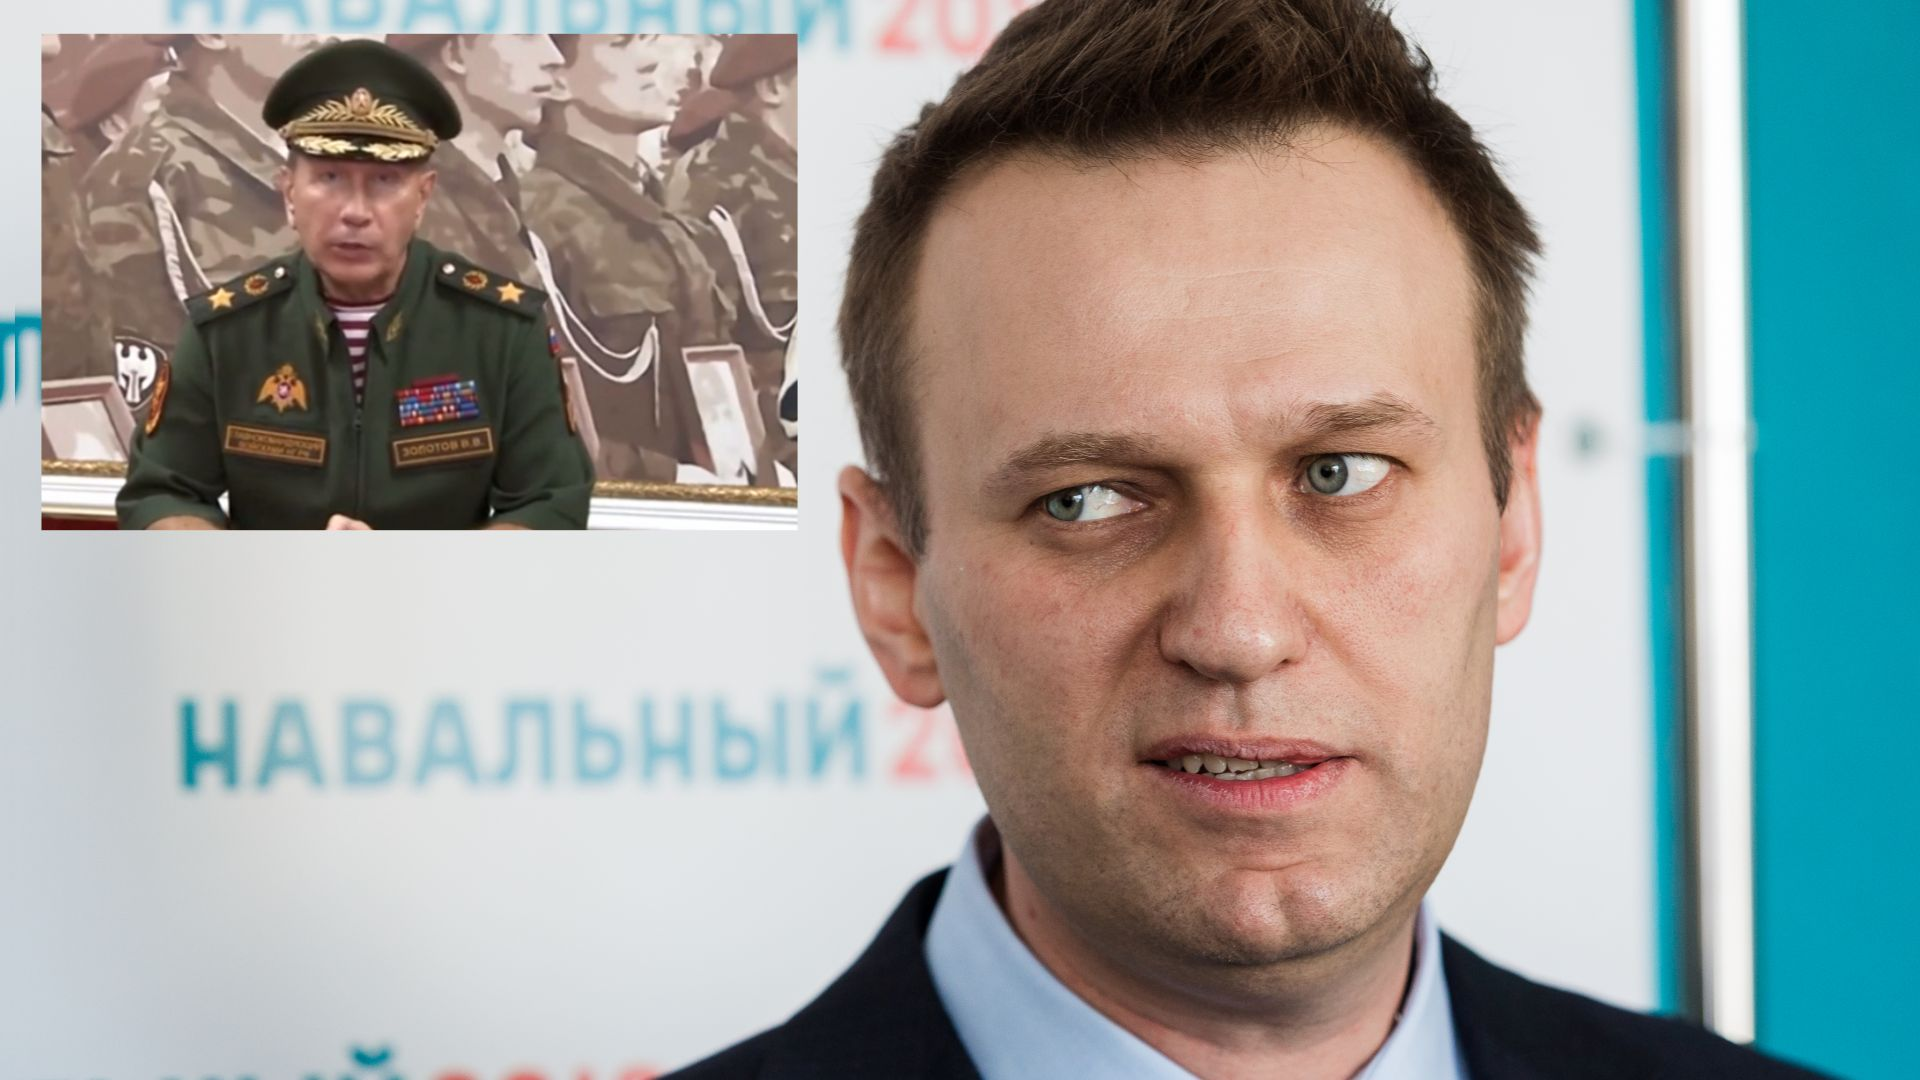 Съд отхвърли иск за клевета от бивш бодигард на Путин срещу Навални